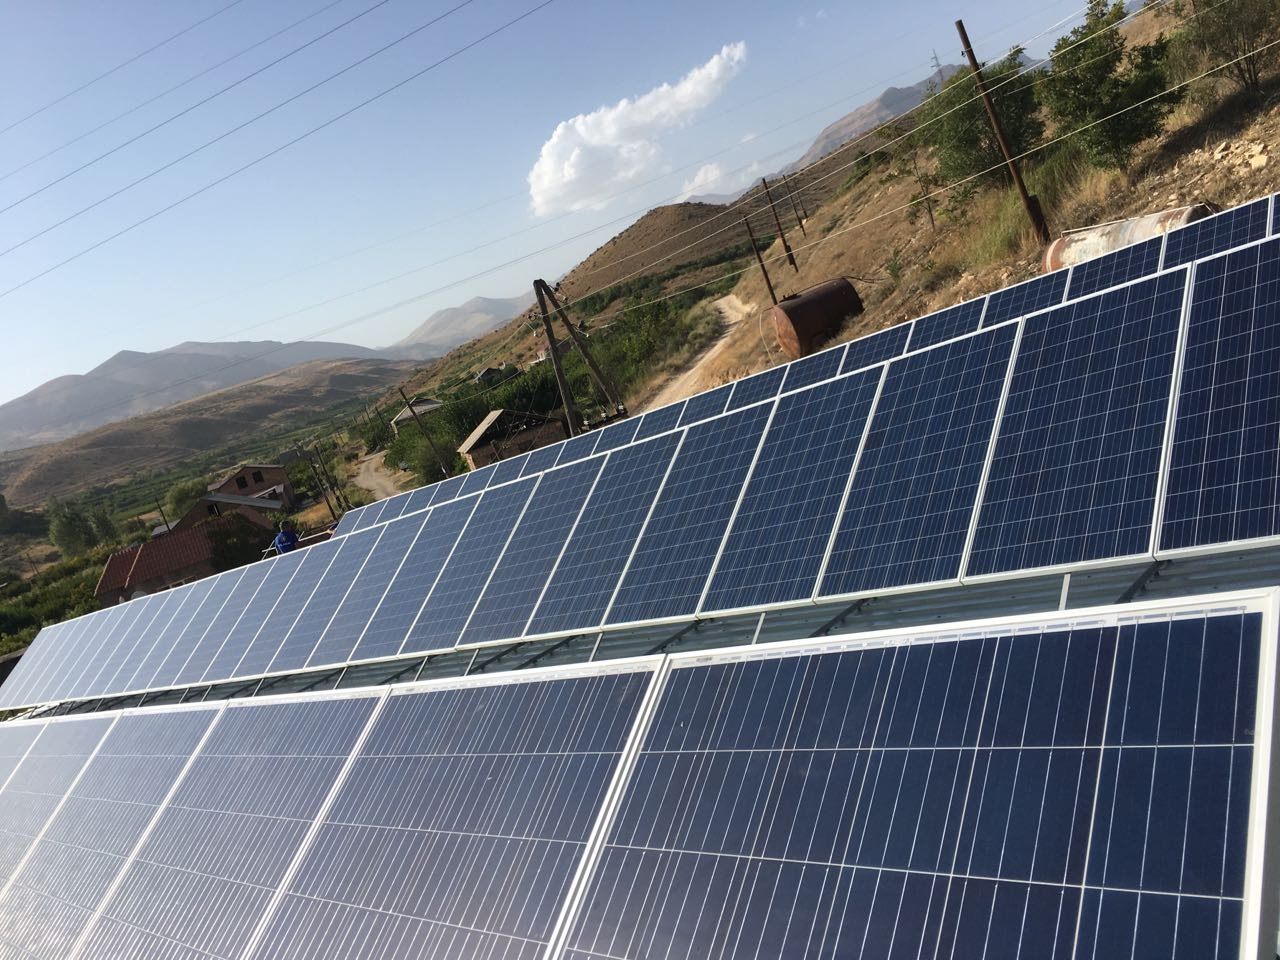 ԱԳԲԱ Լիզինգի ֆինանսական աջակցությամբ Արենիում արևային էլեկտրակայանը շահագործման է հանձնվել